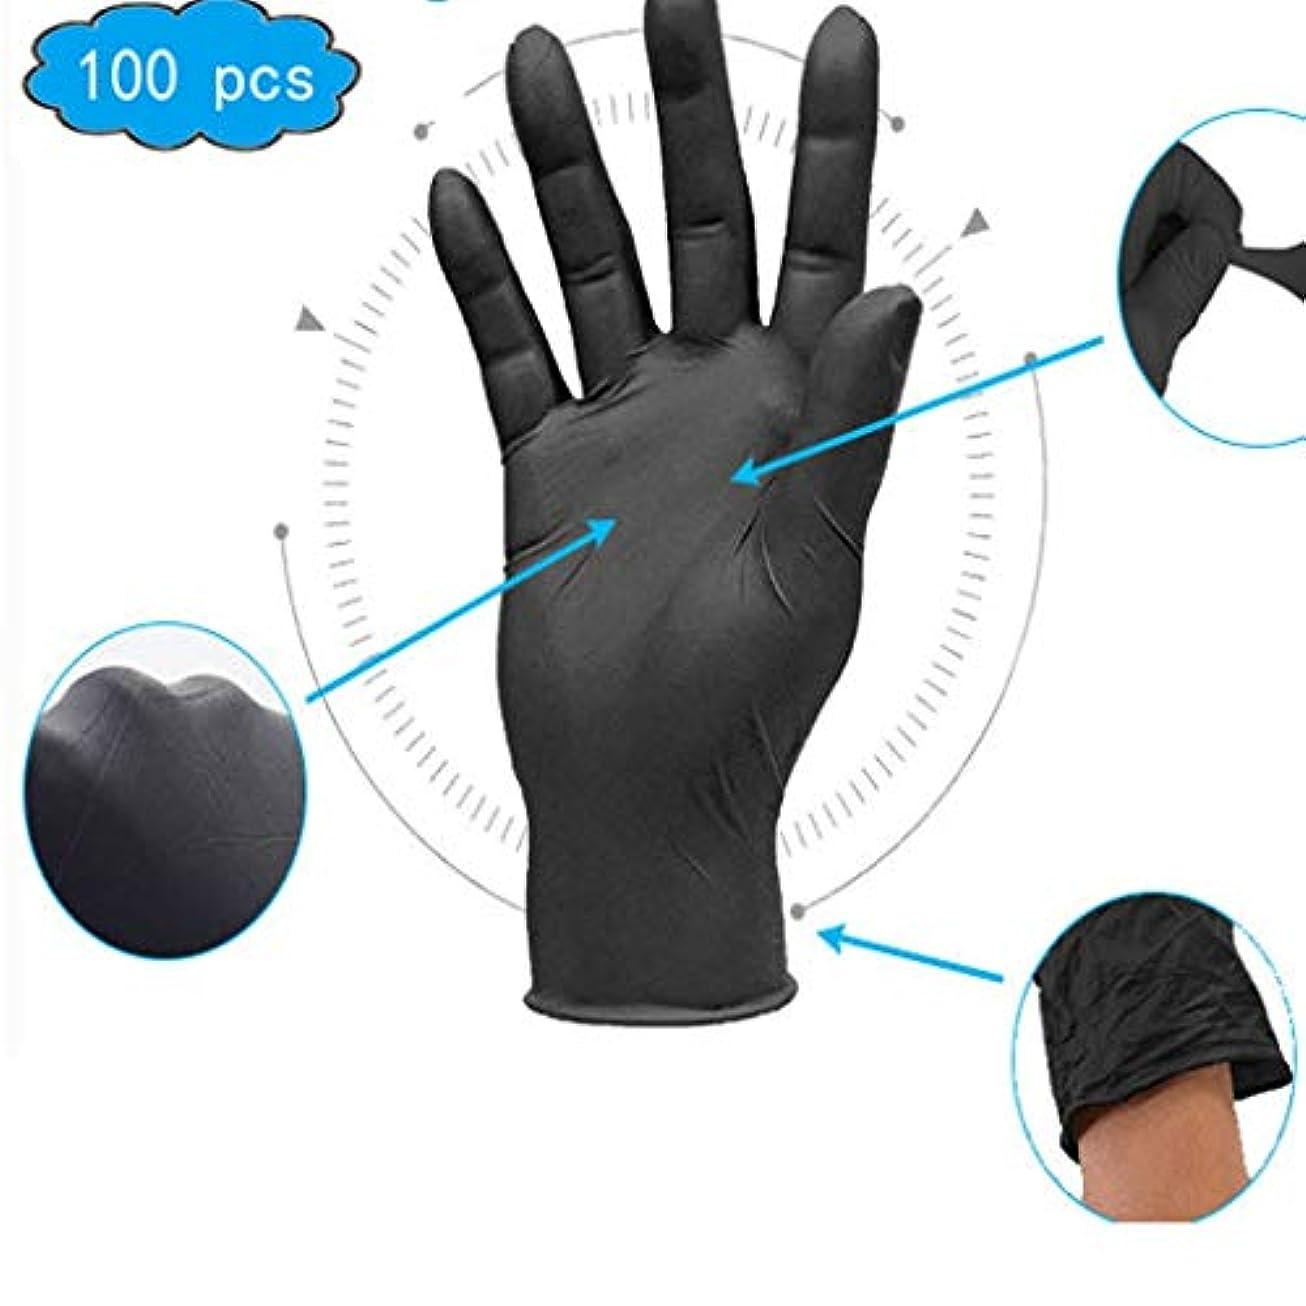 業界ほとんどの場合百科事典ニトリル手袋、医薬品および備品、応急処置用品、産業用使い捨て手袋 - テクスチャード、パウダーフリー、無菌、大型、100個入り、非滅菌の使い捨て安全手袋 (Color : Black, Size : M)